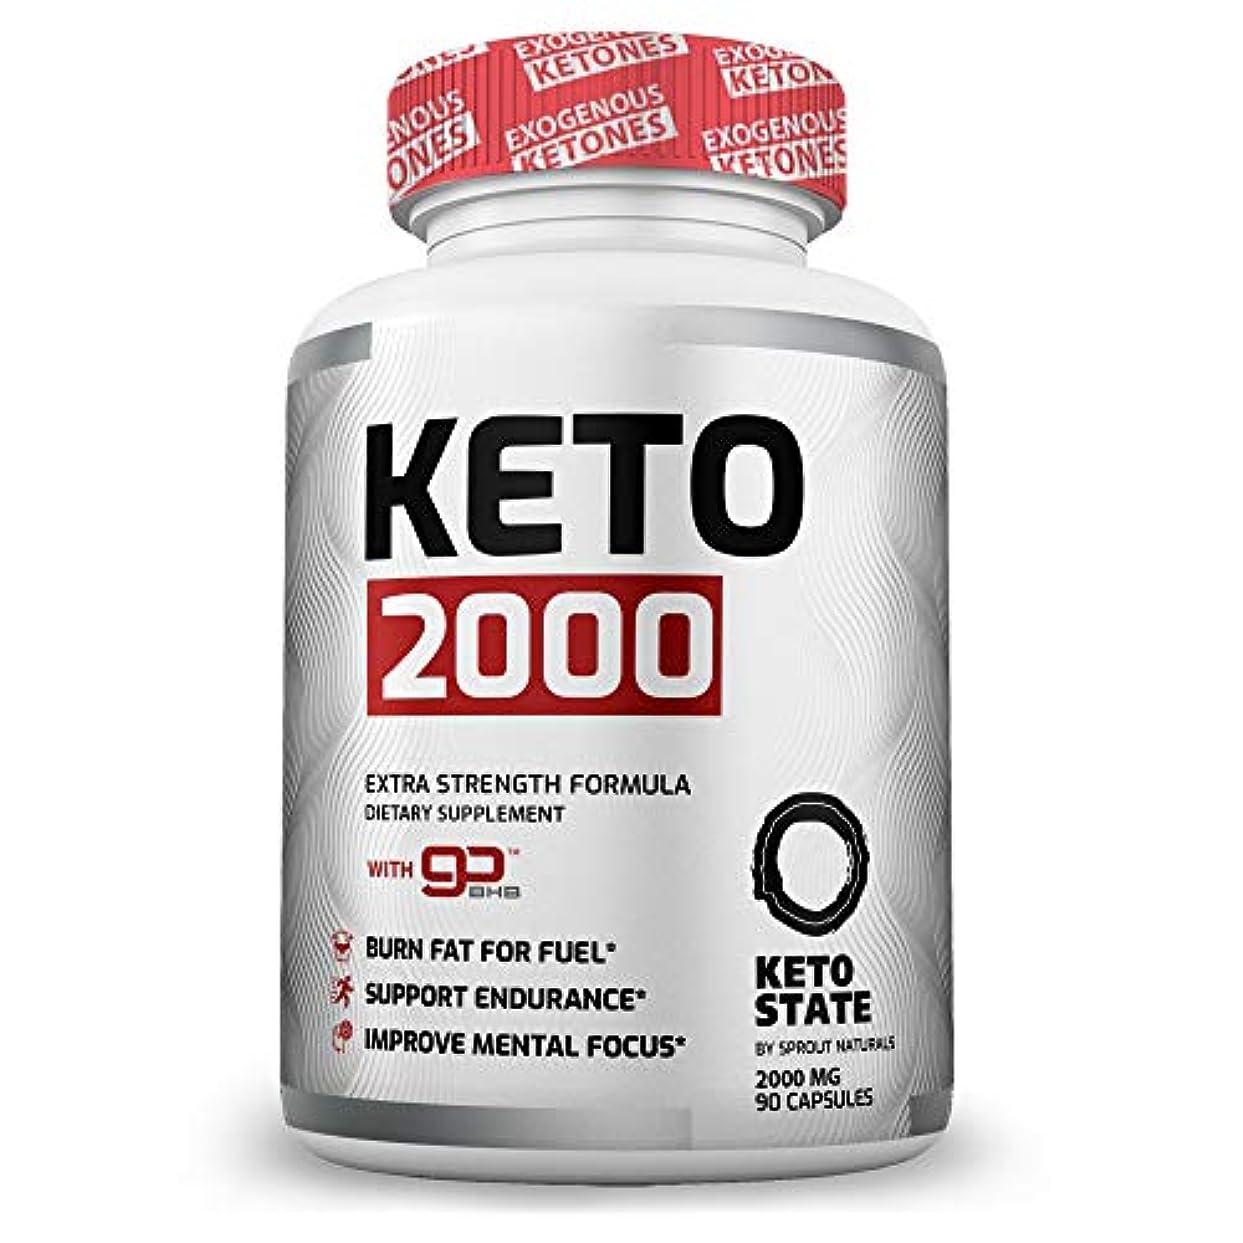 引退した我慢する可愛いKETO 2000 ケトジェニック 2000 ダイエット 燃焼系 サプリ 90粒 by Sprout Naturals [海外直送品]